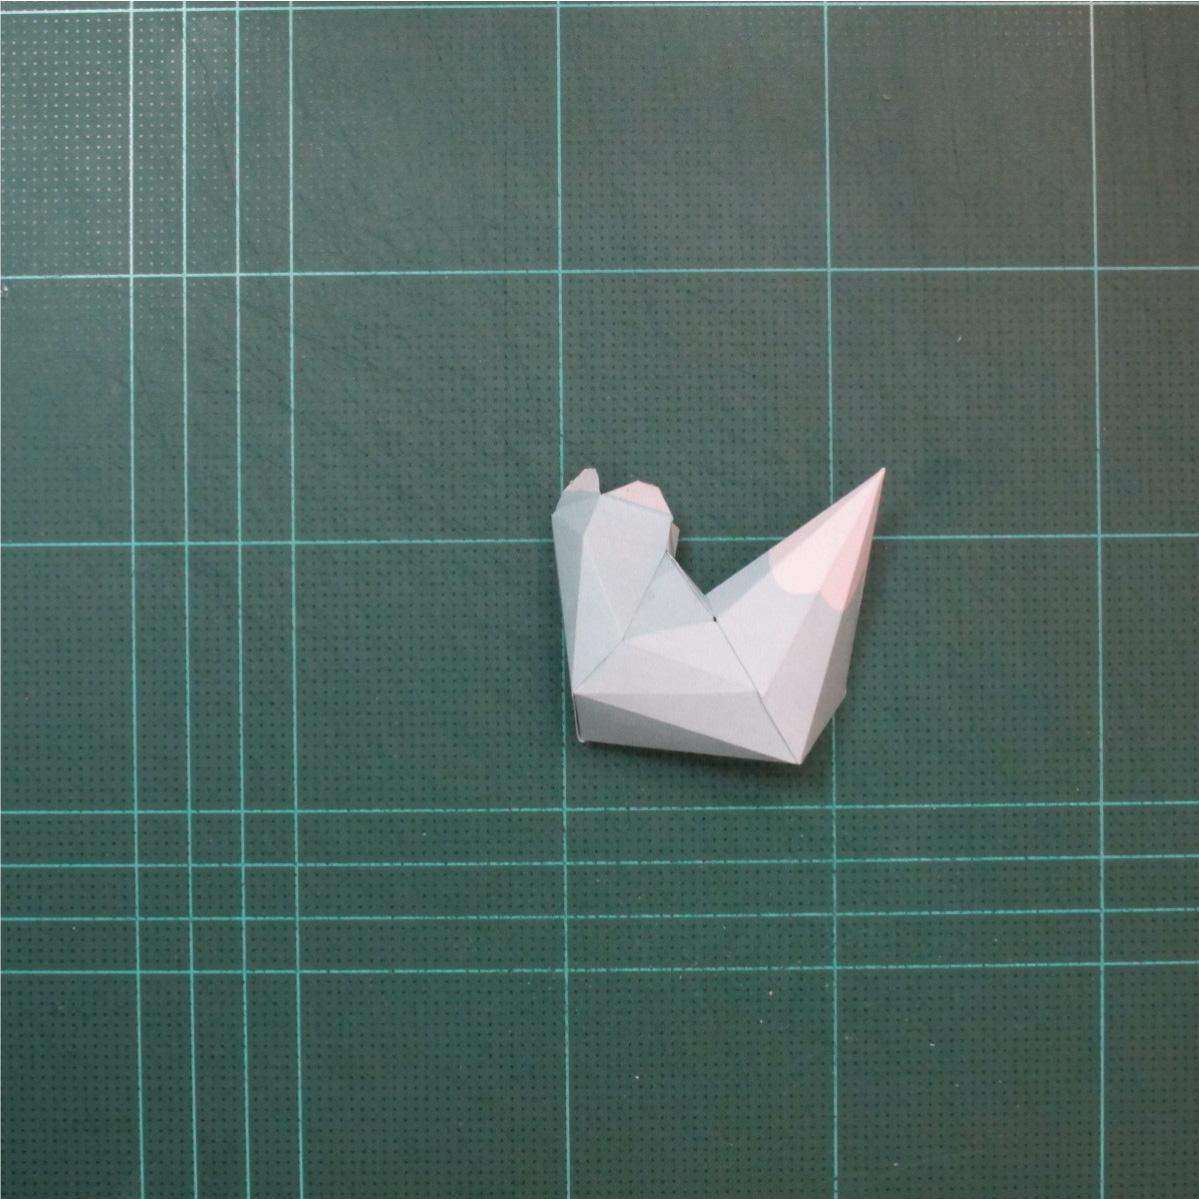 วิธีทำโมเดลกระดาษคุกกี้รันจิ้งจอกเก้าหางในร่างหมาจิ้งจอก (Cookie Run Ninetails Fox Form Papercraft Model) 008